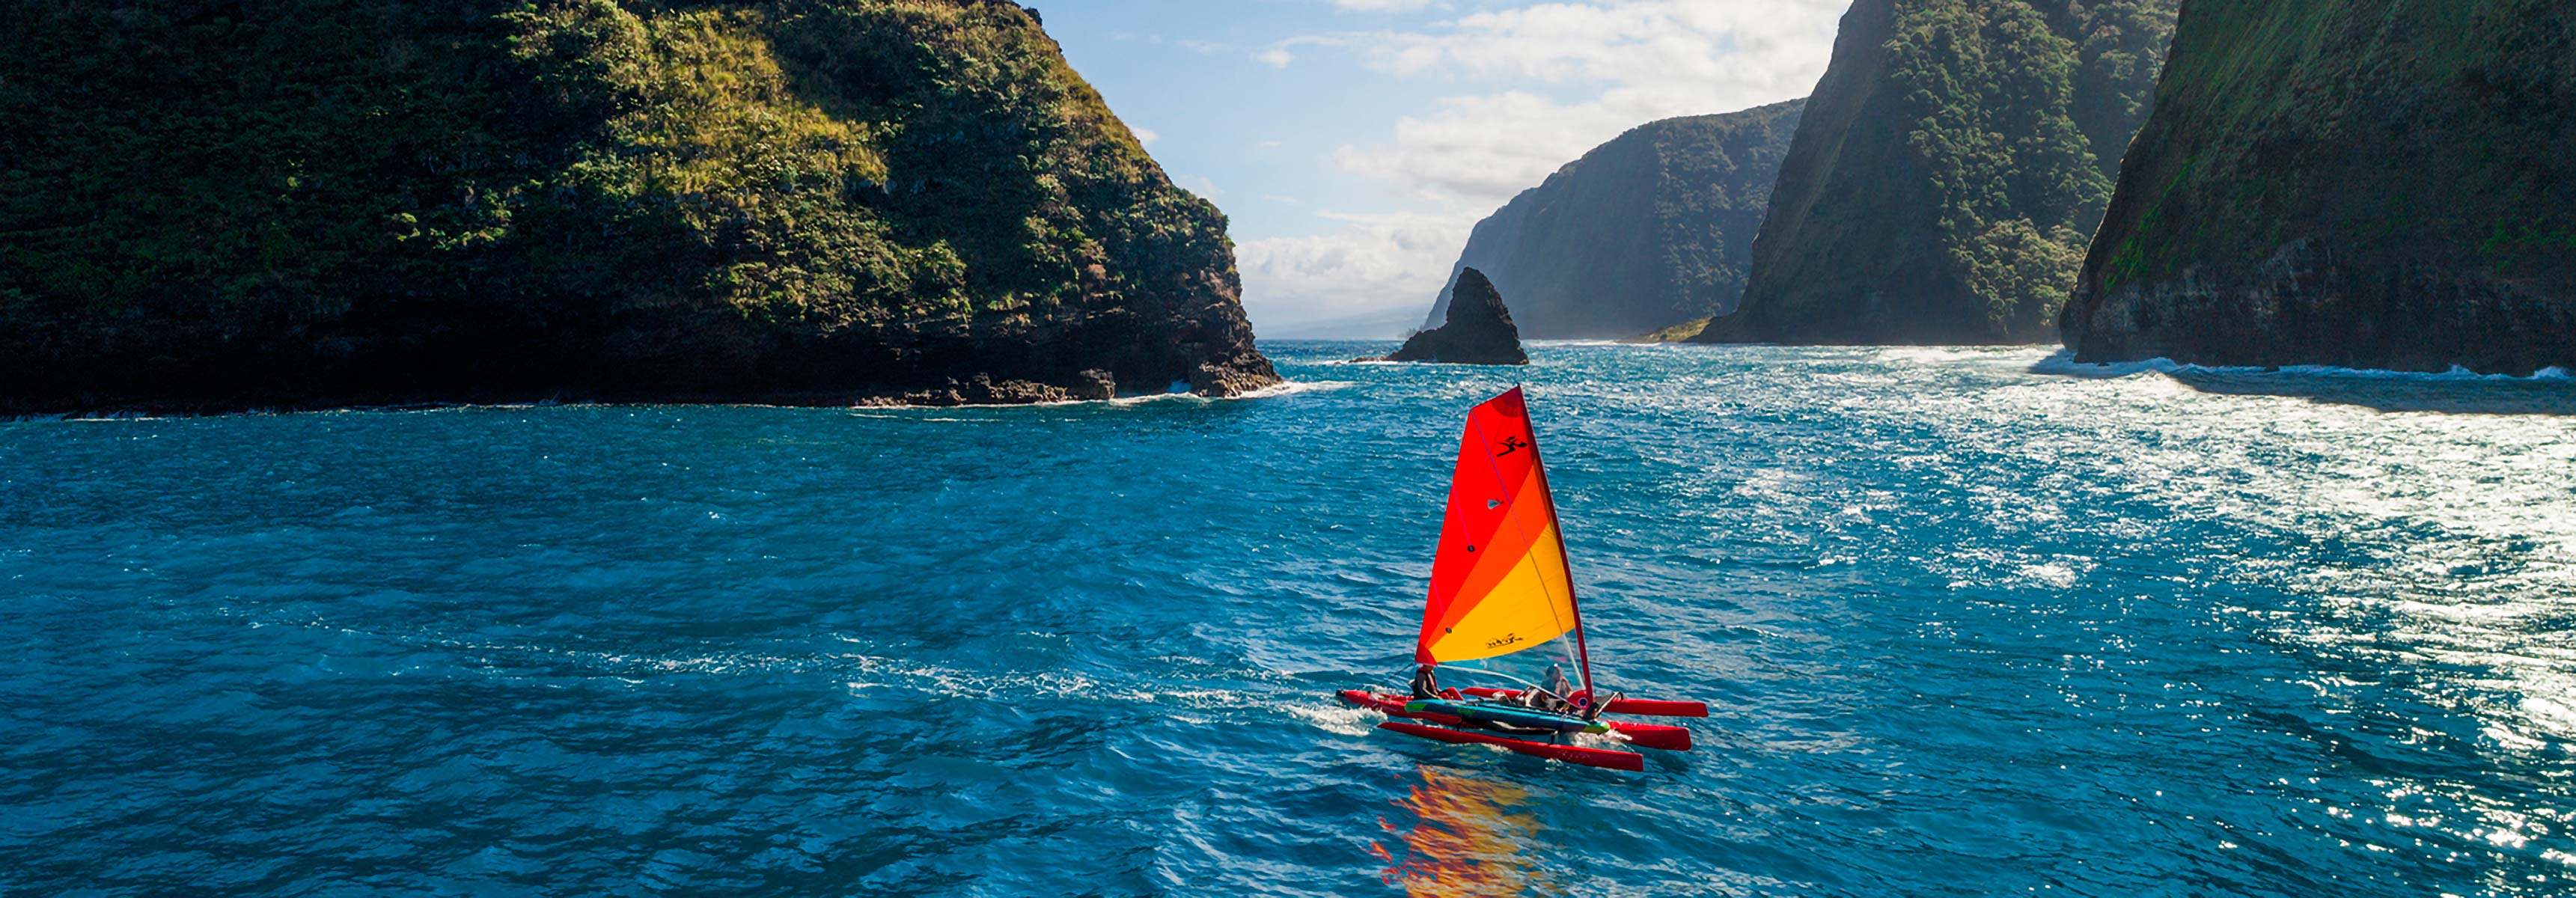 Mirage Tandem Island mobile header image